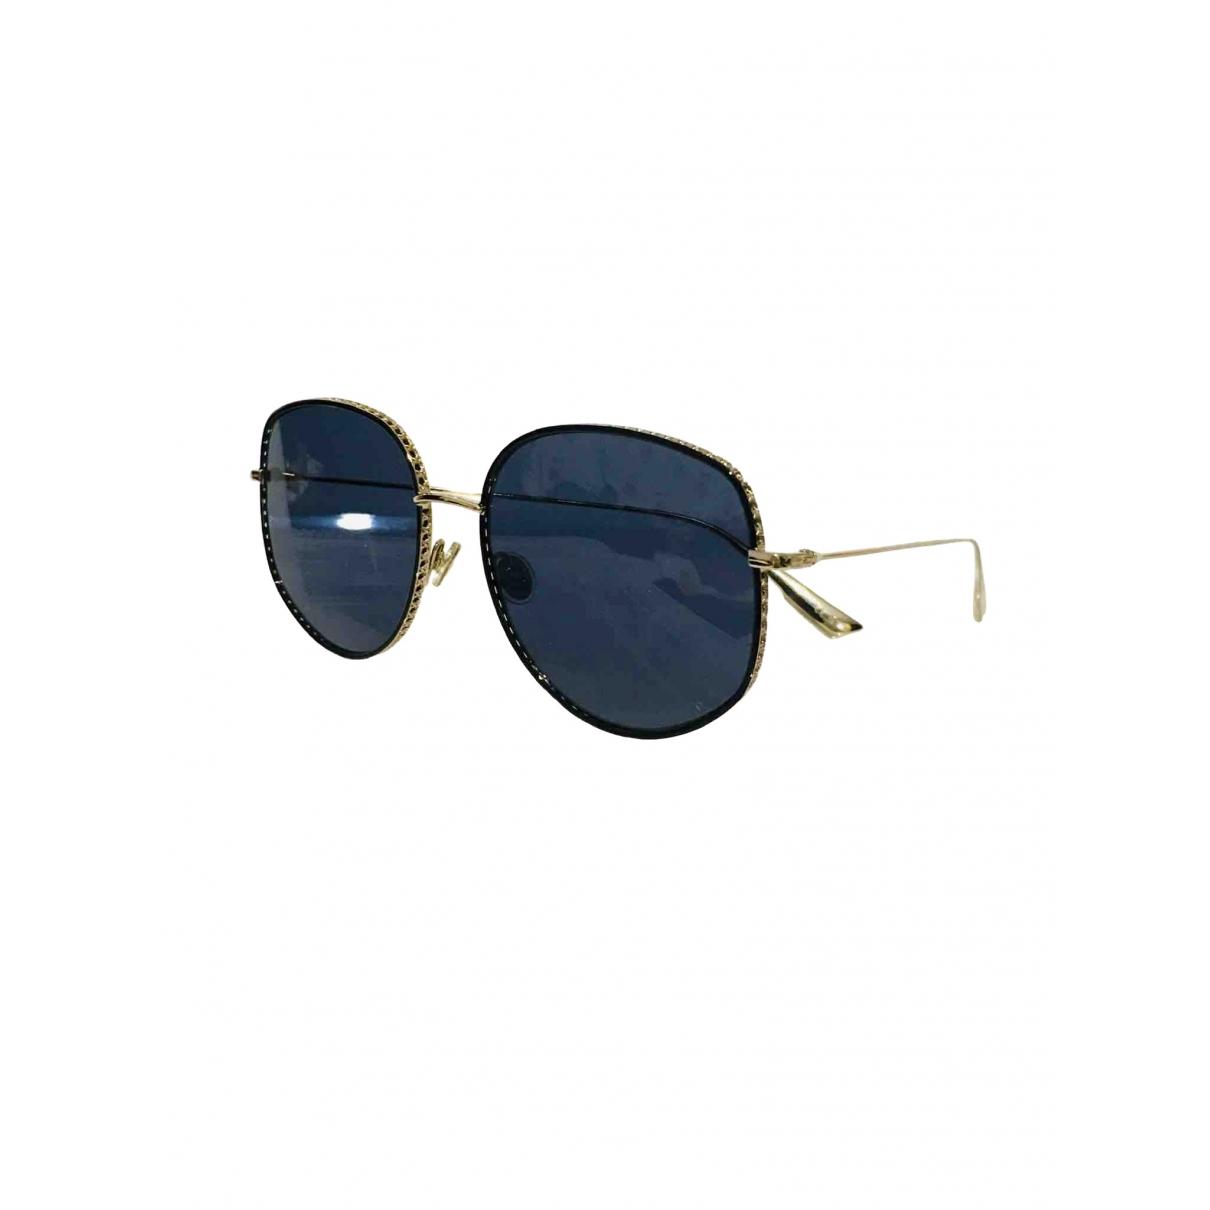 Dior - Lunettes Diorbydior2 pour femme en metal - bleu